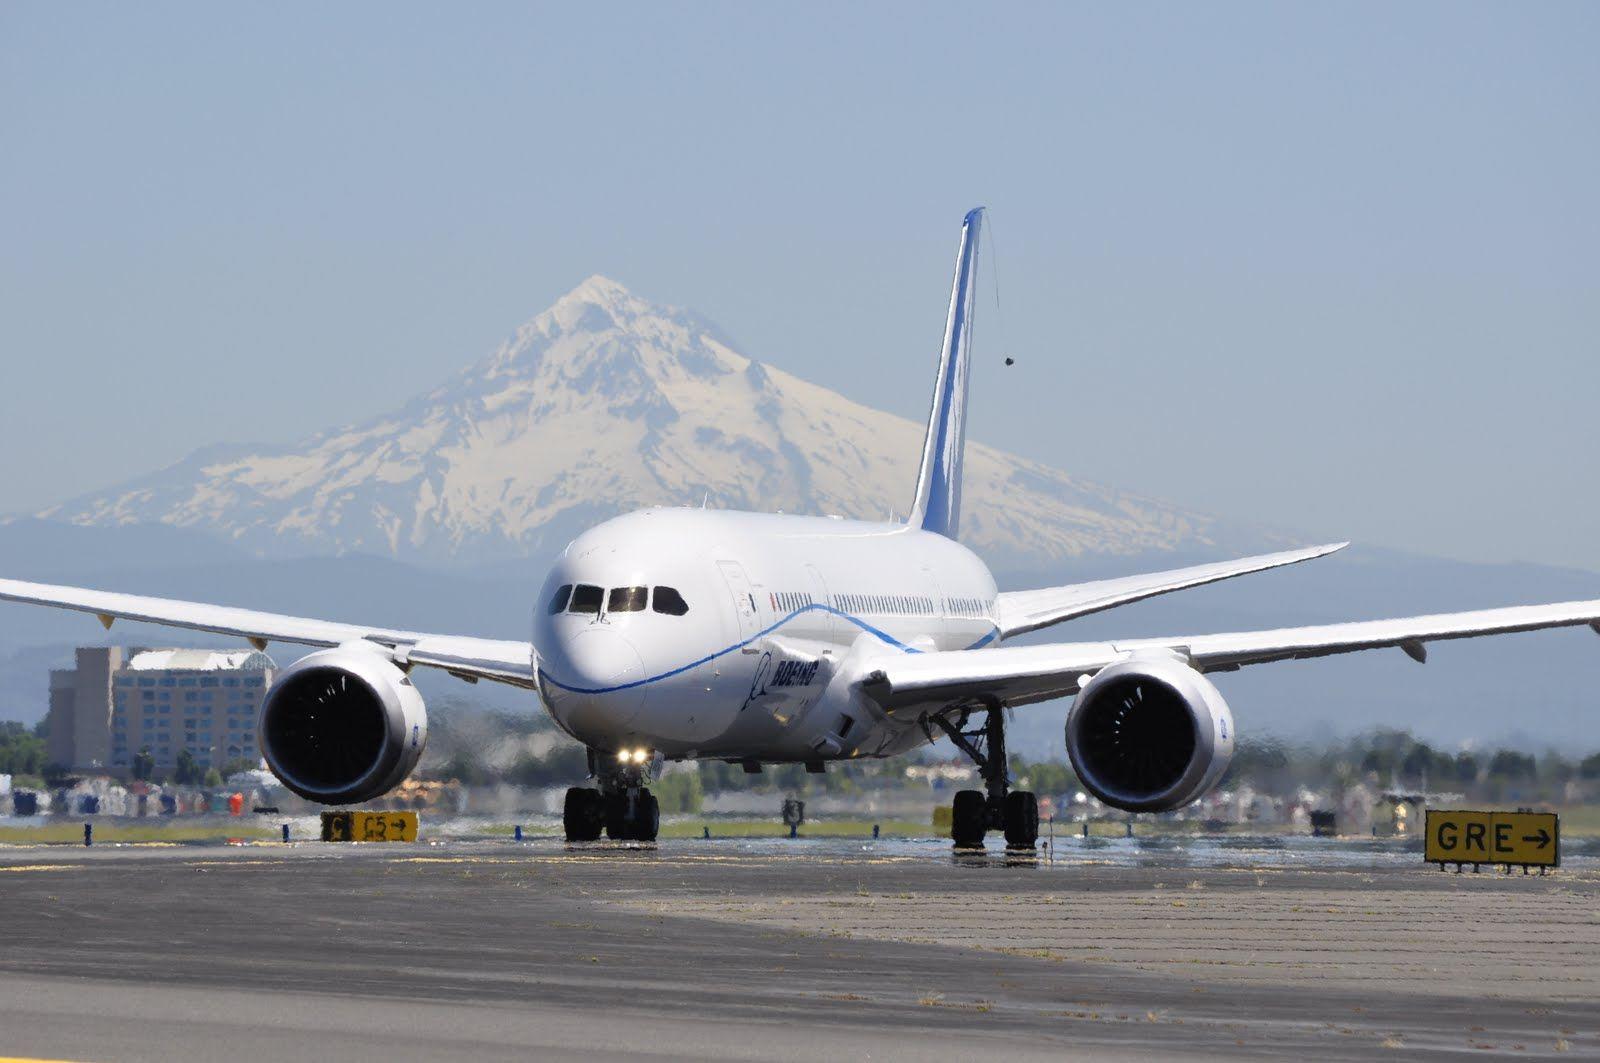 NEW VIP COMPLECTATION HIGH-TECH AIRCRAFT BOEING 787-8 DREAMLINER FOR SALE. #Boeing #Boeing787 #B787 #Boeing7878 #Boeing787_8 #Dreamliner #airplane #aircraft #plane #aviation CONTACT US      http://iccjet.com/en/contact-us info@iccjet.com GOOGLE+            https://plus.google.com/u/0/+Iccjet/posts ICC JET AIRCRAFT FOR SALE               http://iccjet.com/en/aircraft-for-sale ICC JET HELICOPTERS FOR SALE http://iccjet.com/en/sale-of-helicopters ICC JET AIR CHARTER…